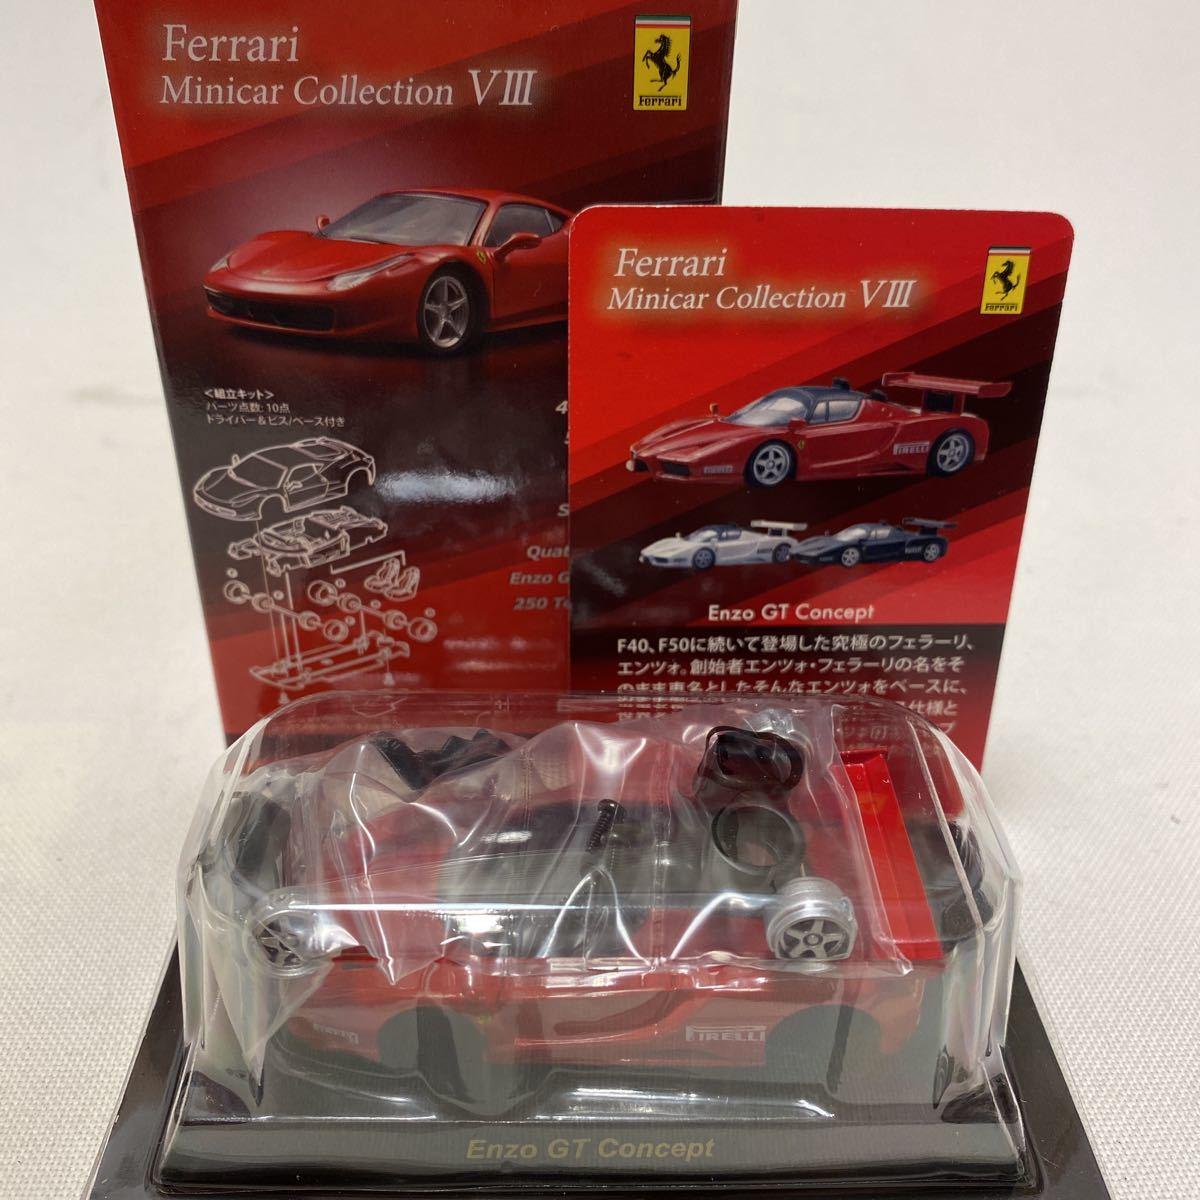 1/64 京商 サンクス フェラーリ 8 Enzo GT コンセプト 赤 レッド_画像2